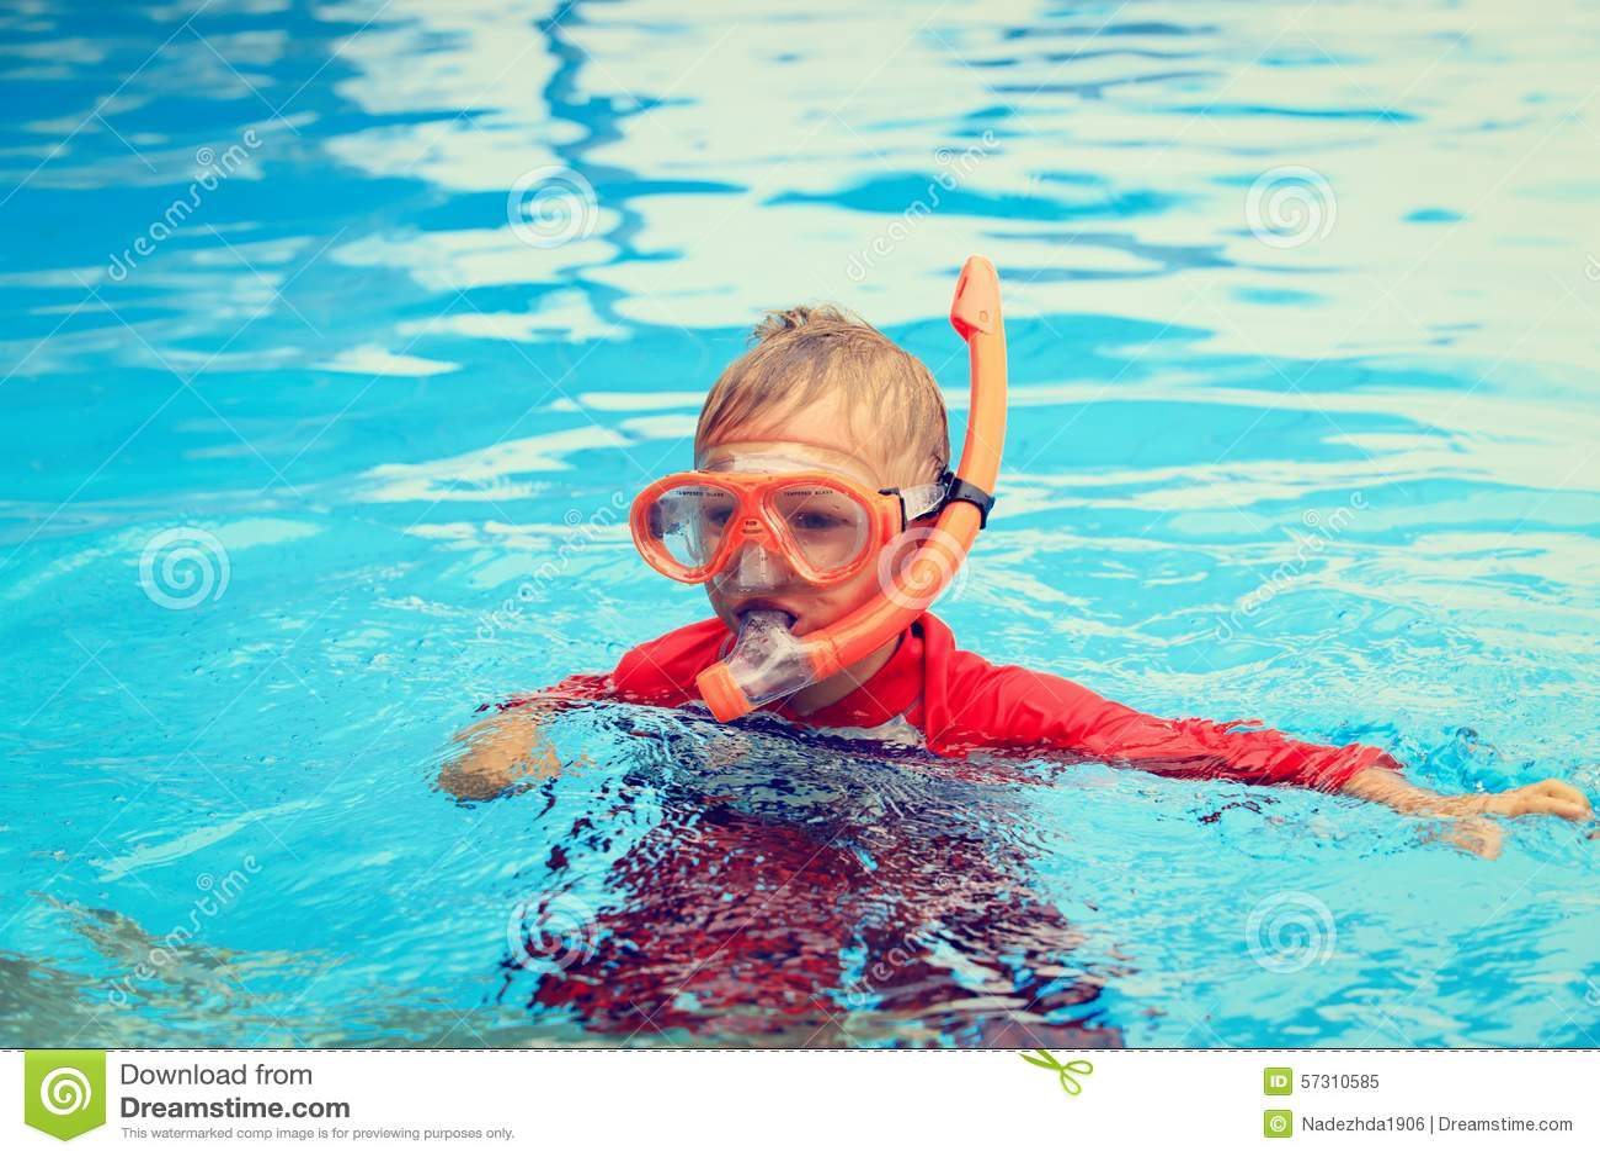 Natación del niño pequeño con la máscara en la piscina